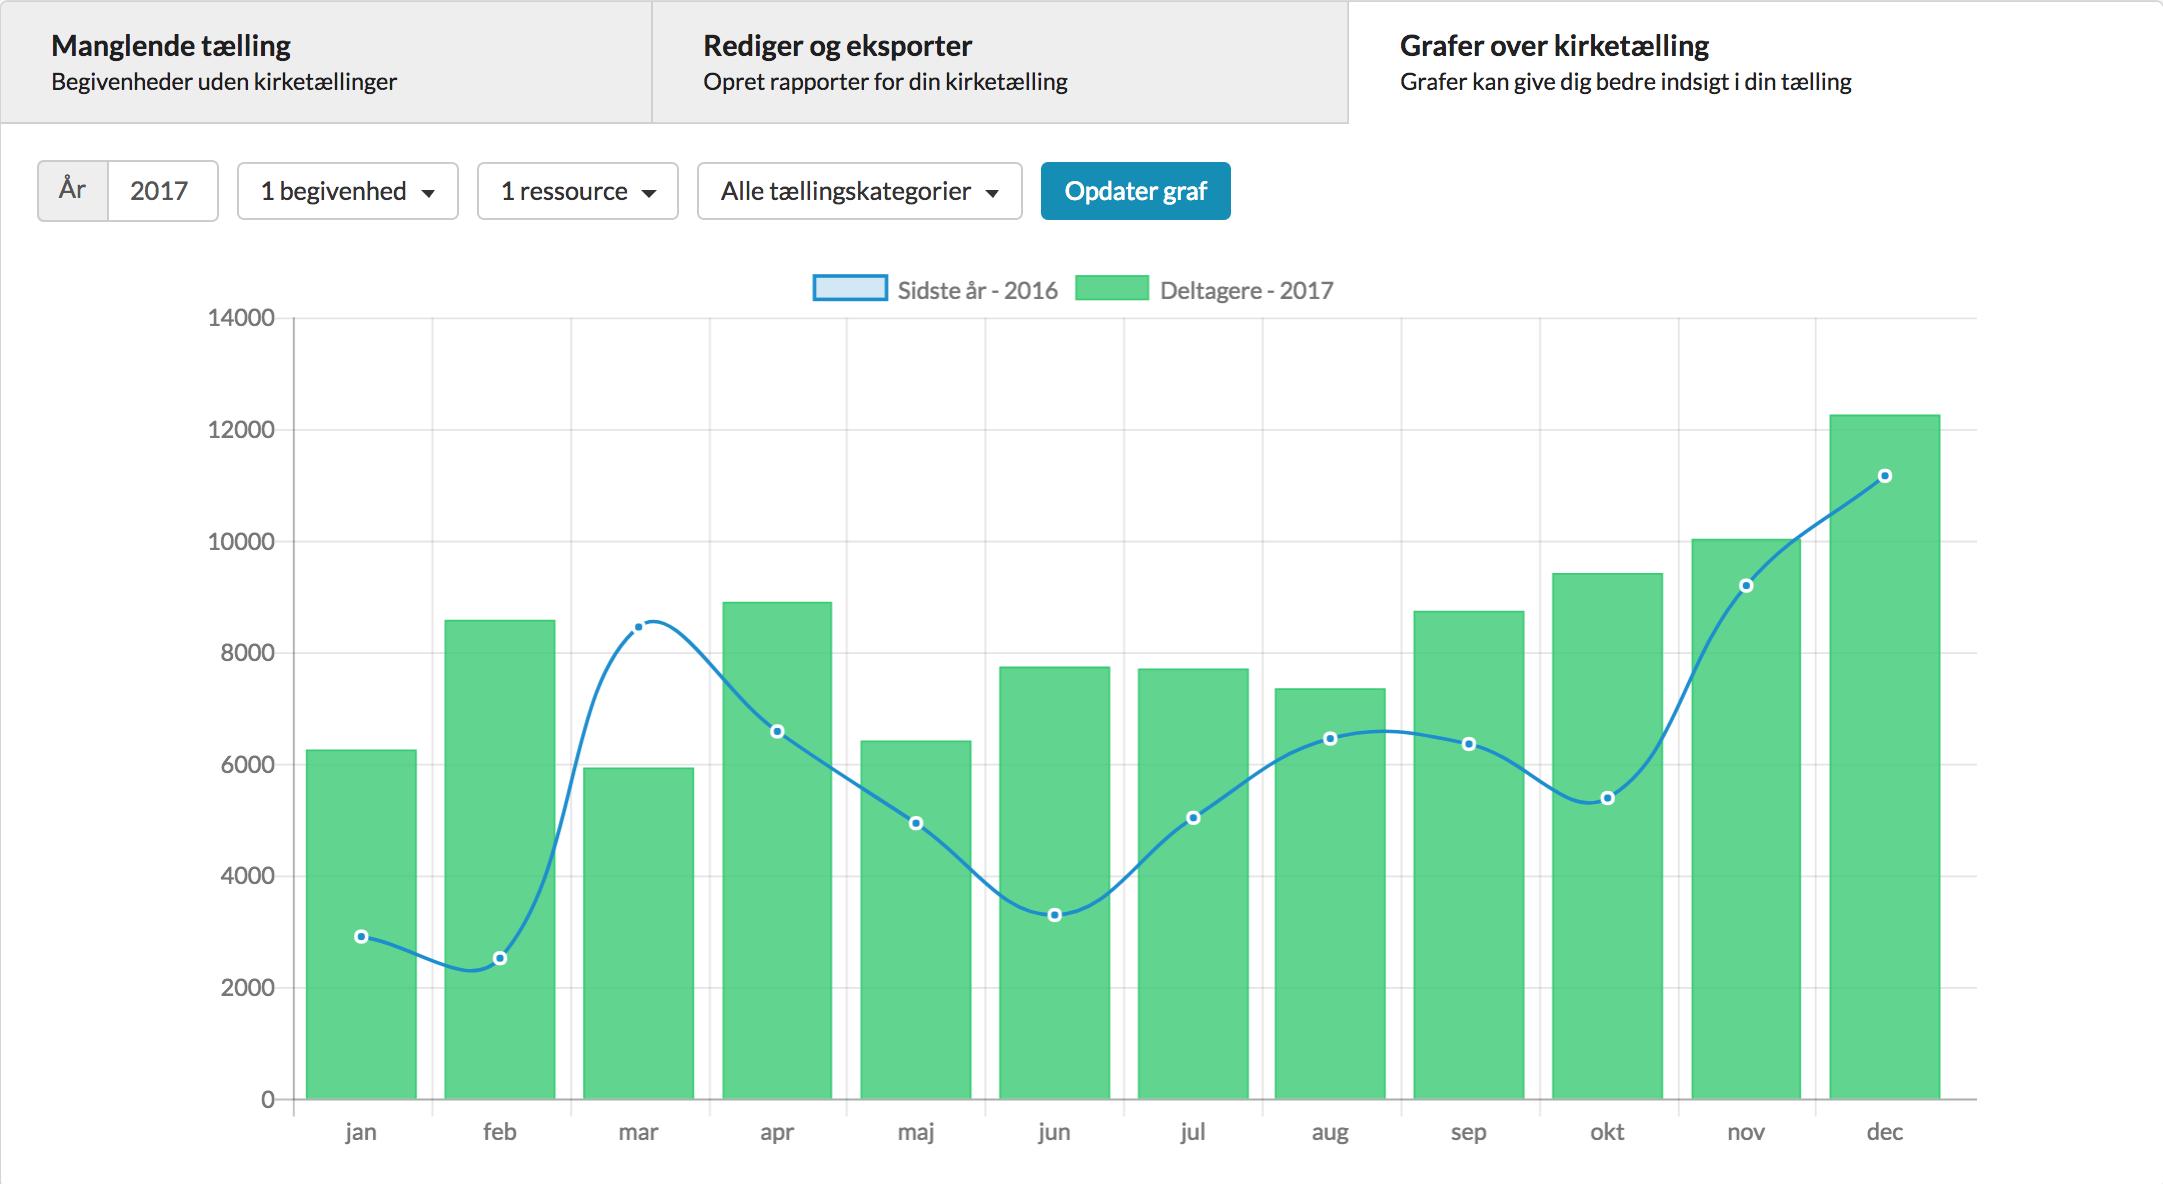 Følg udviklingen i deltagere over tid og på tværs af arrangementer, med kirketælling. Alt sammen i en flot og overskuelig graf.